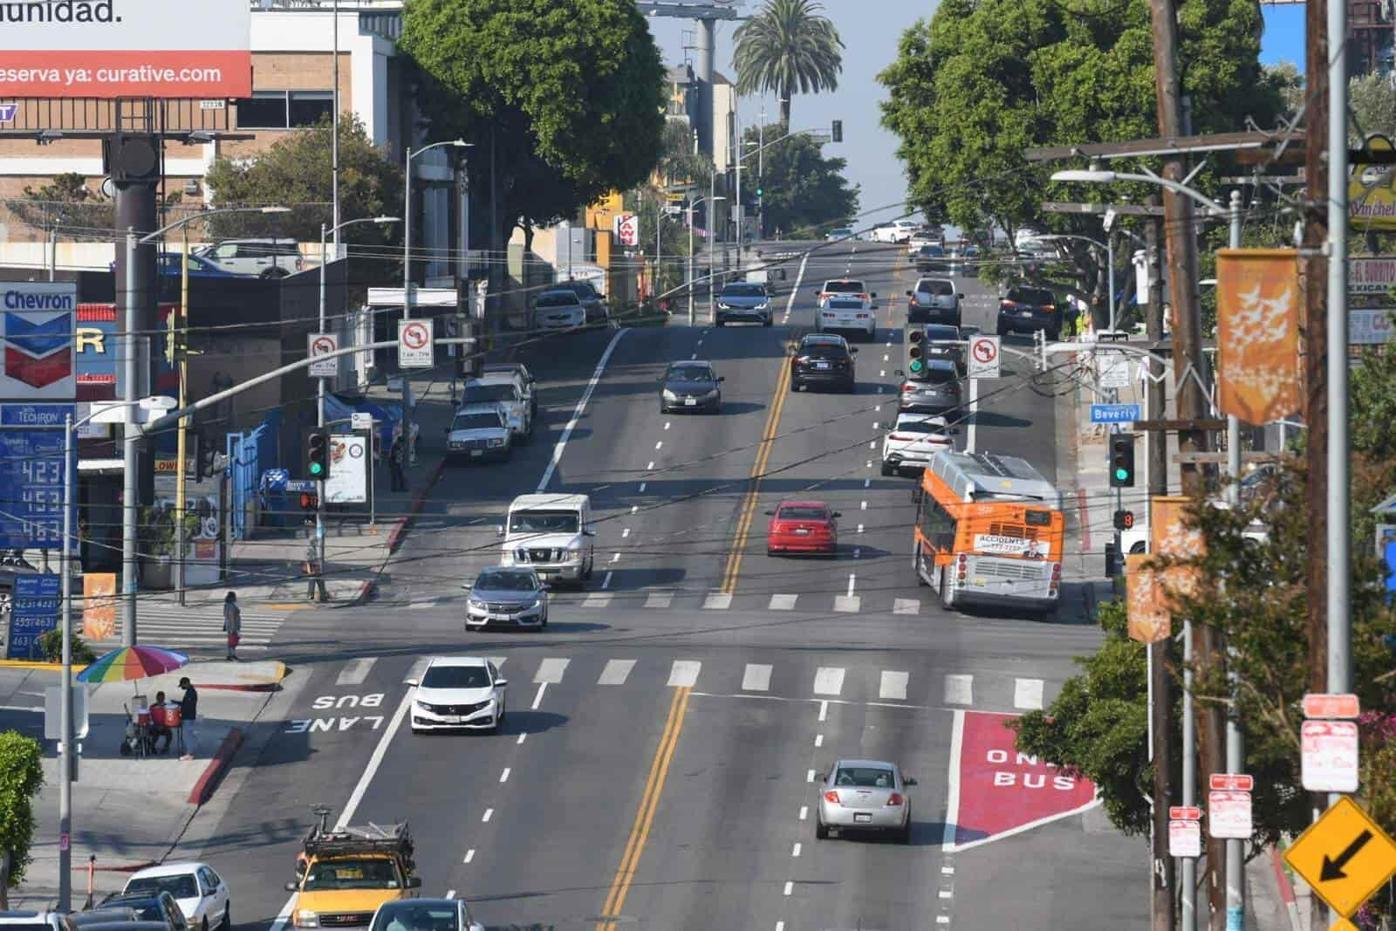 Alvarado dedicated bus lanes